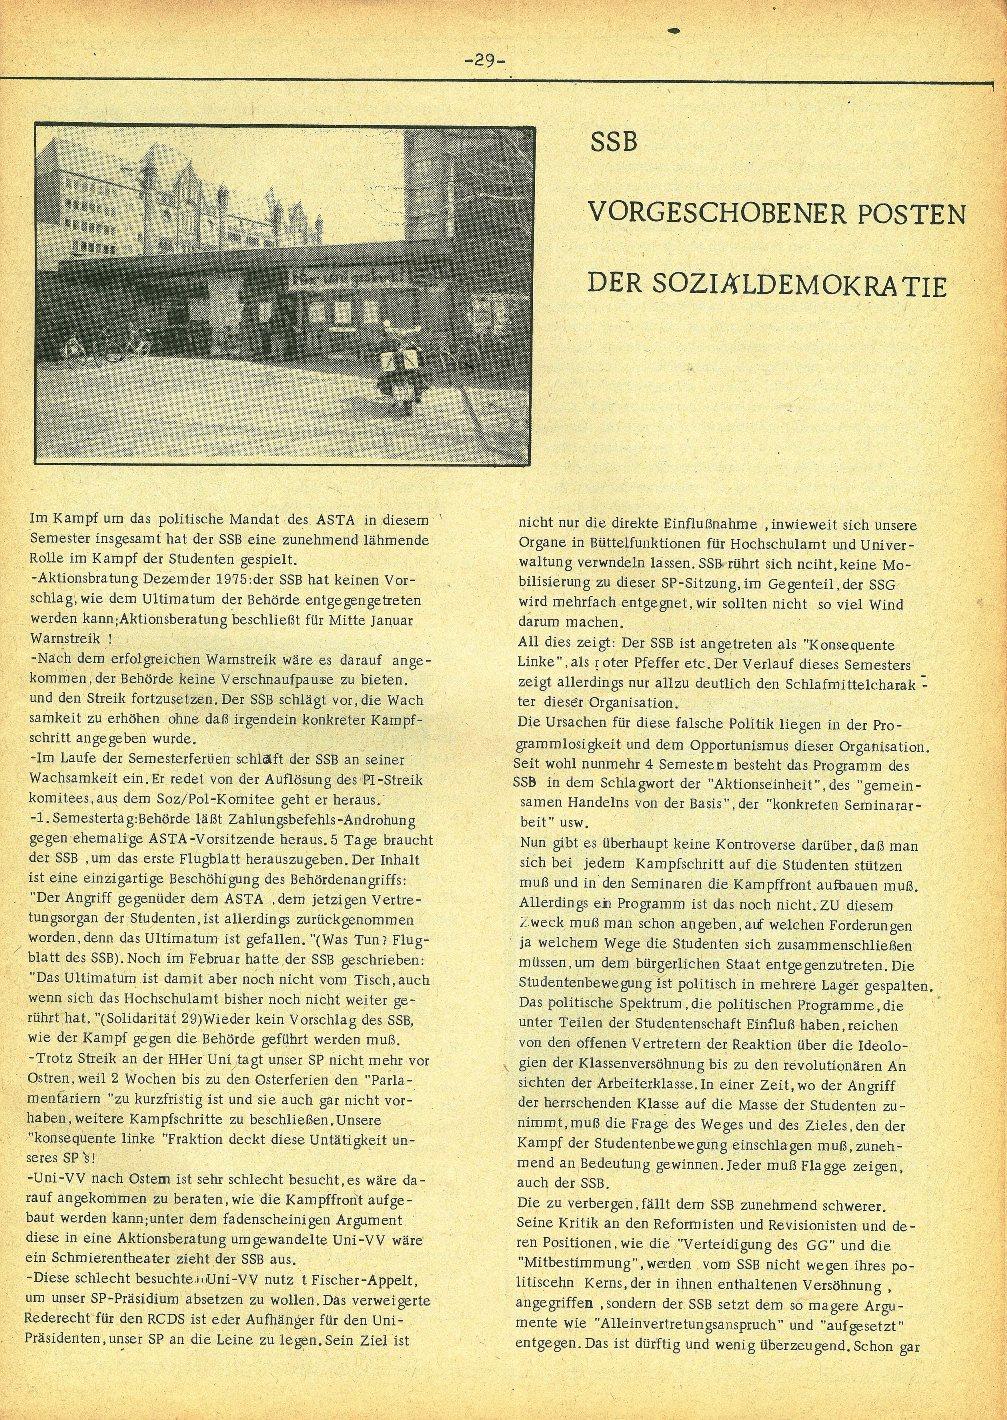 Hamburg_SSG_Regierungsprogramm029